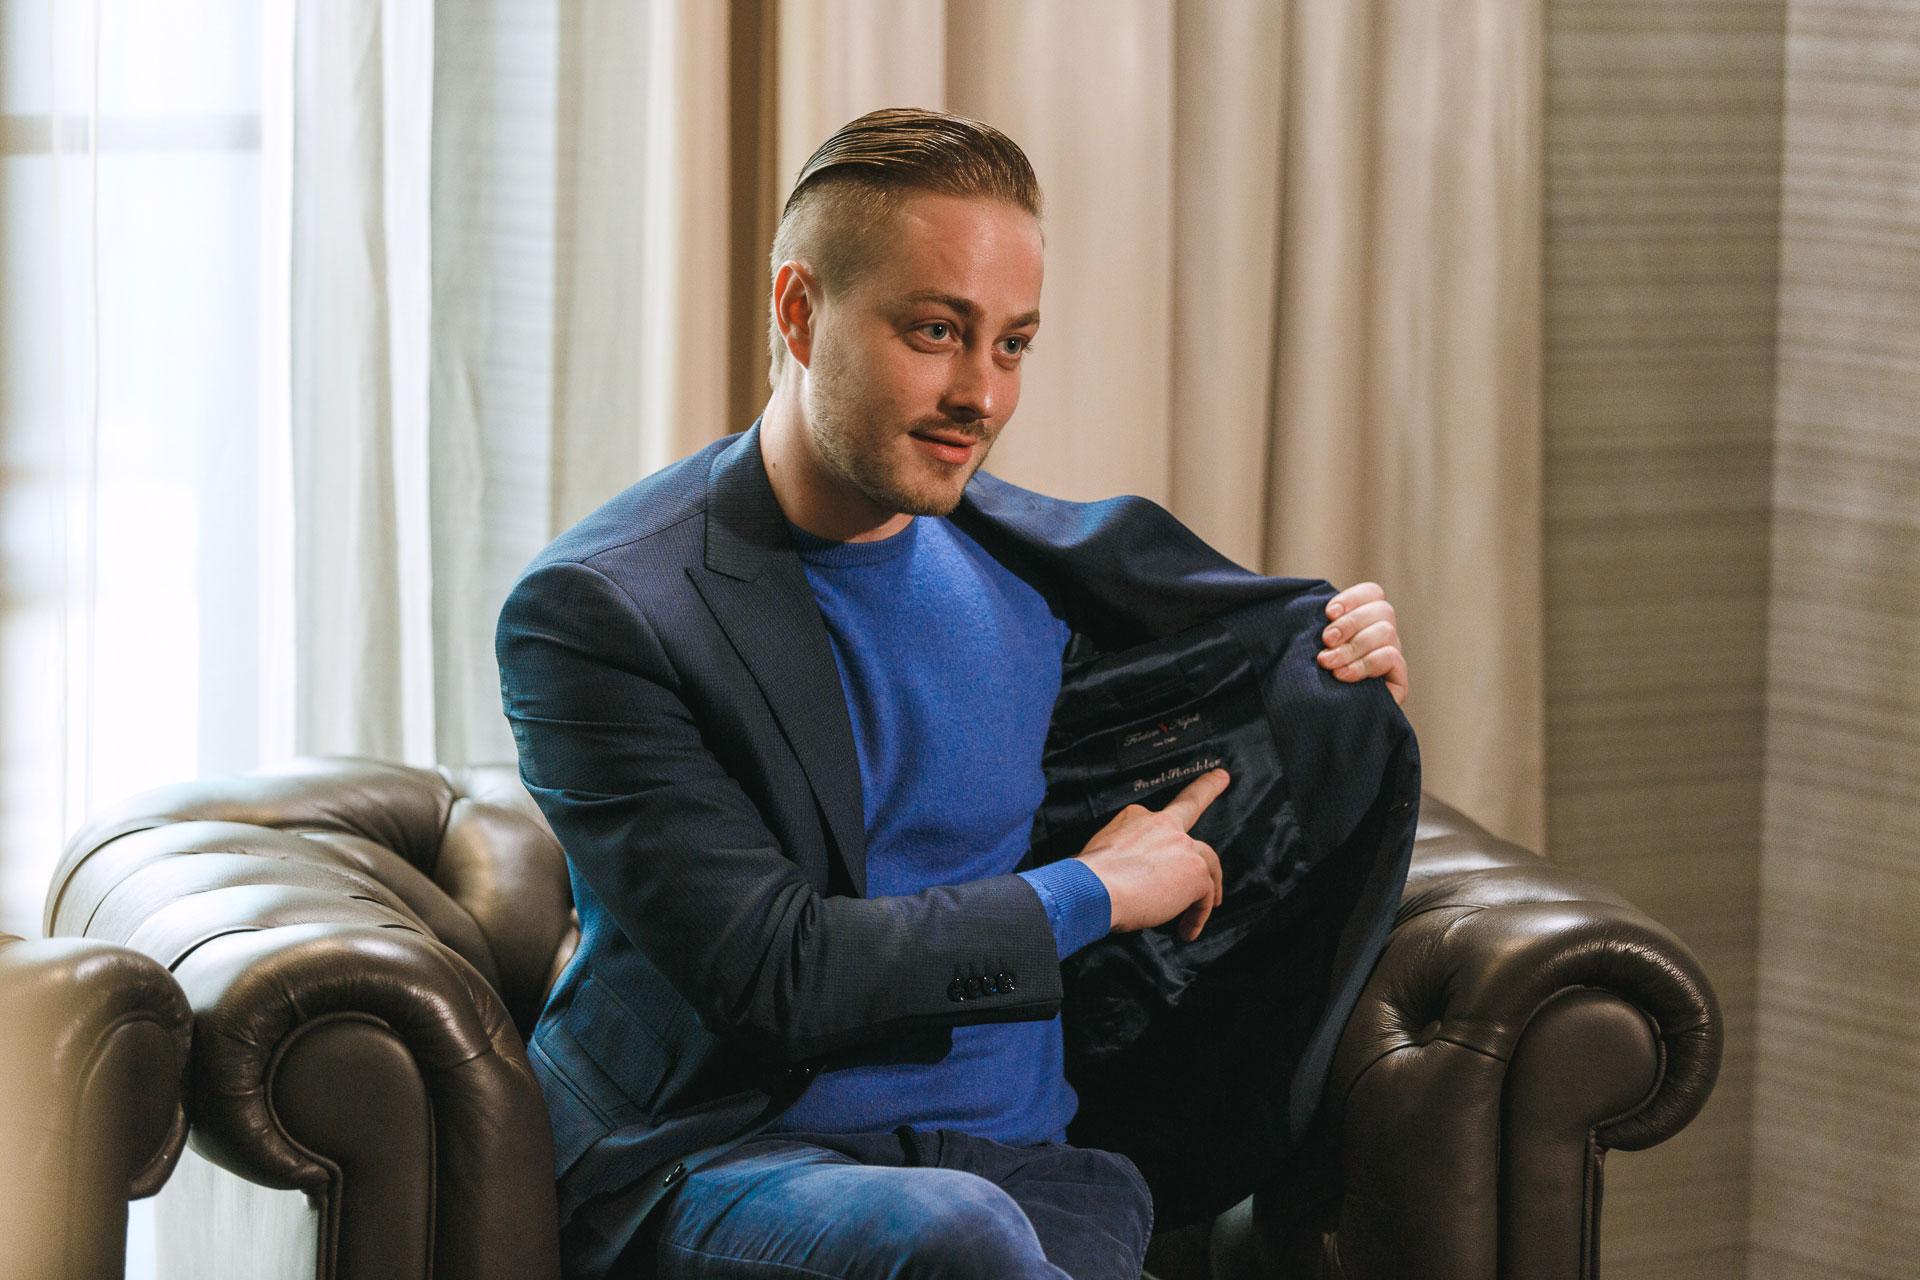 Дизайнер Андреа Падован: главный секрет итальянского костюма